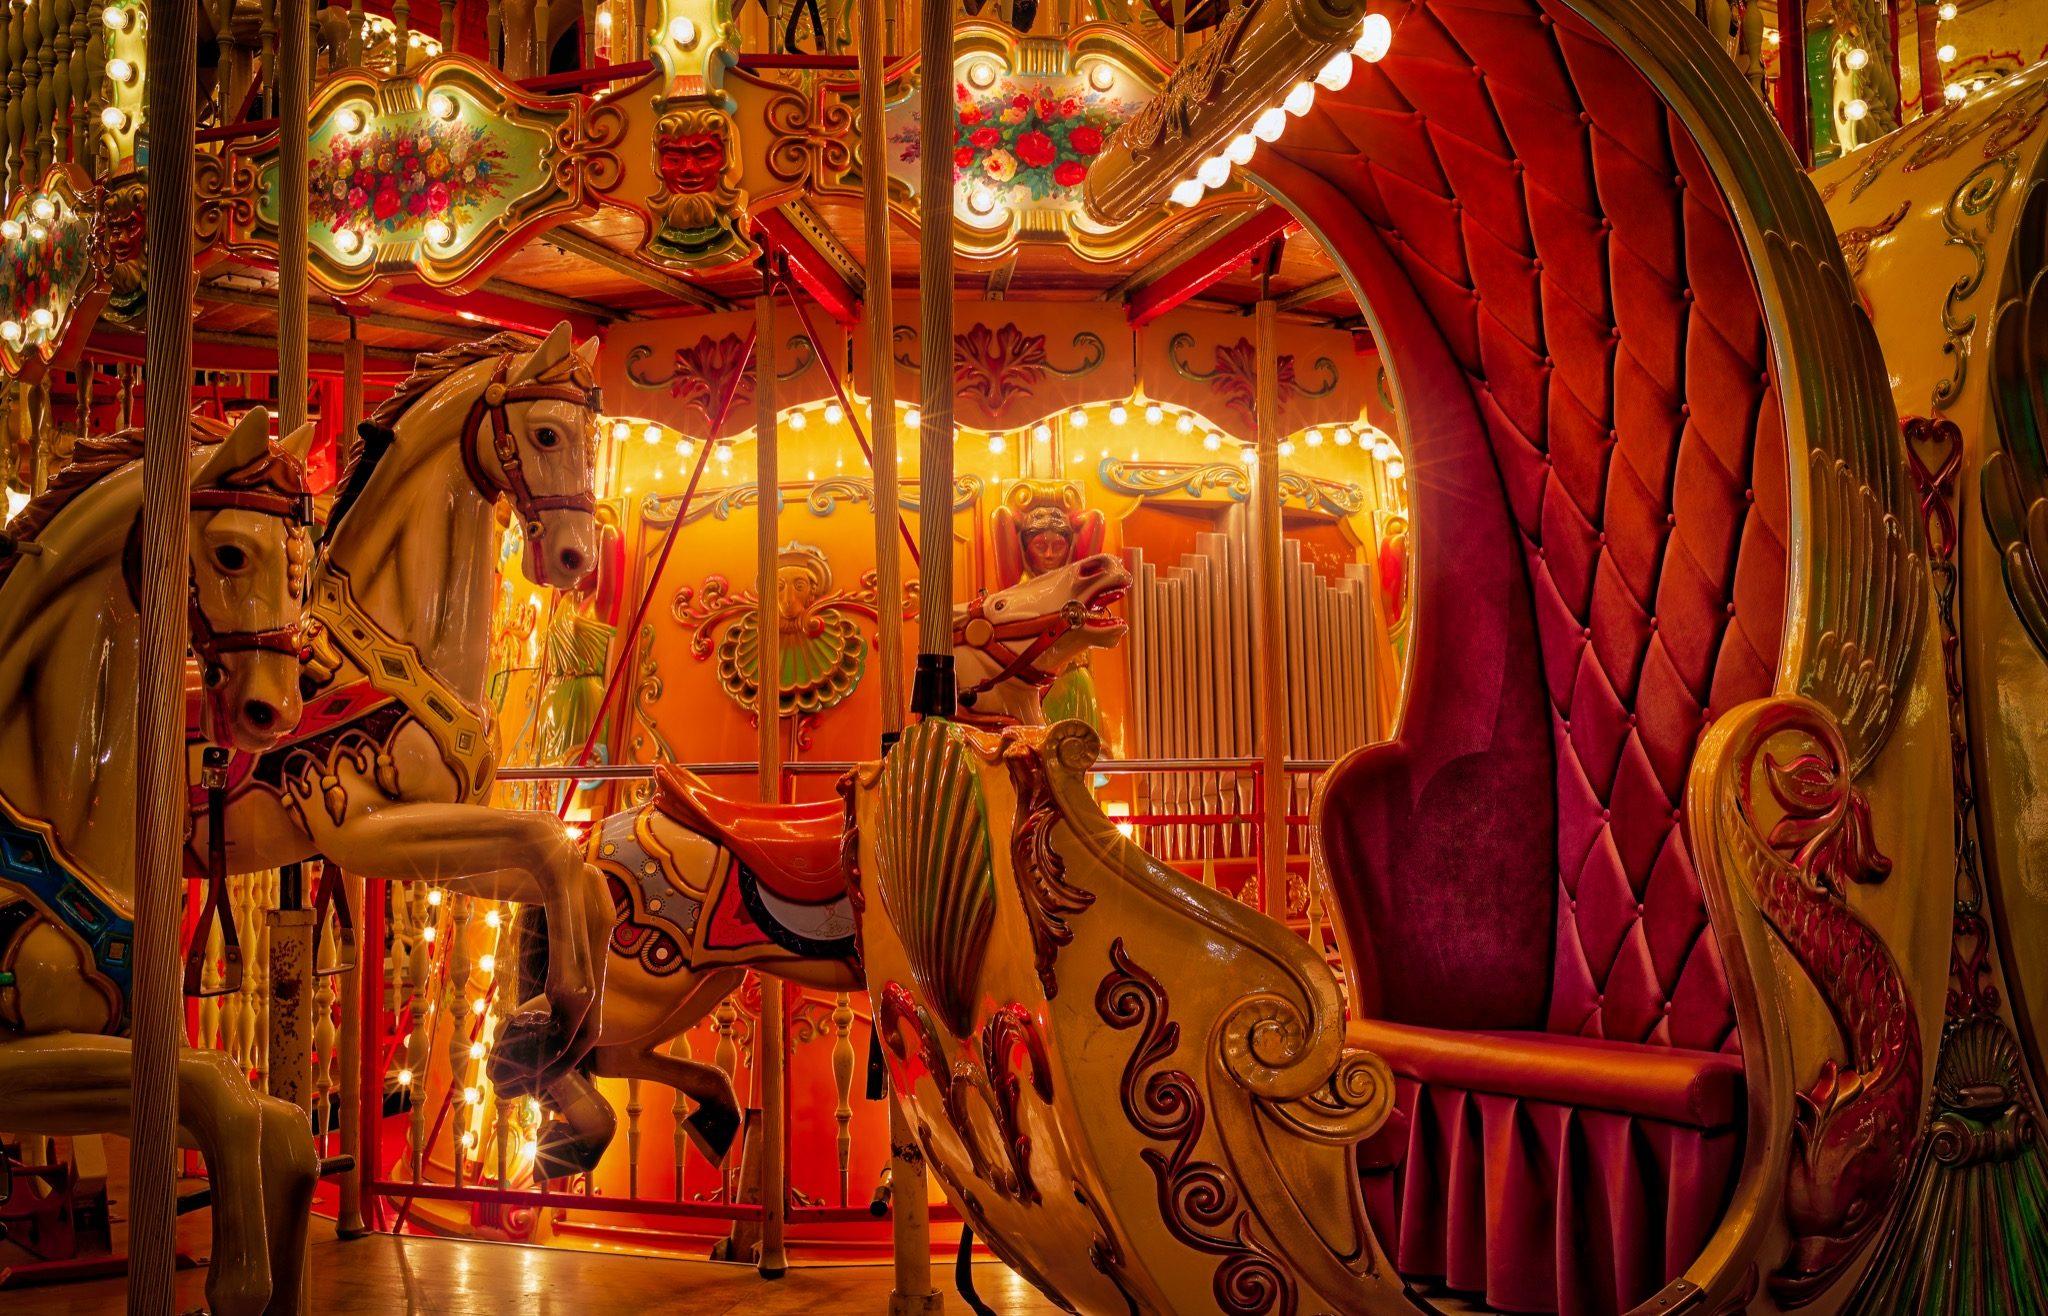 Halloween i Tivoli 2016. Stemningsbillede af Musikkarussellen en aften.